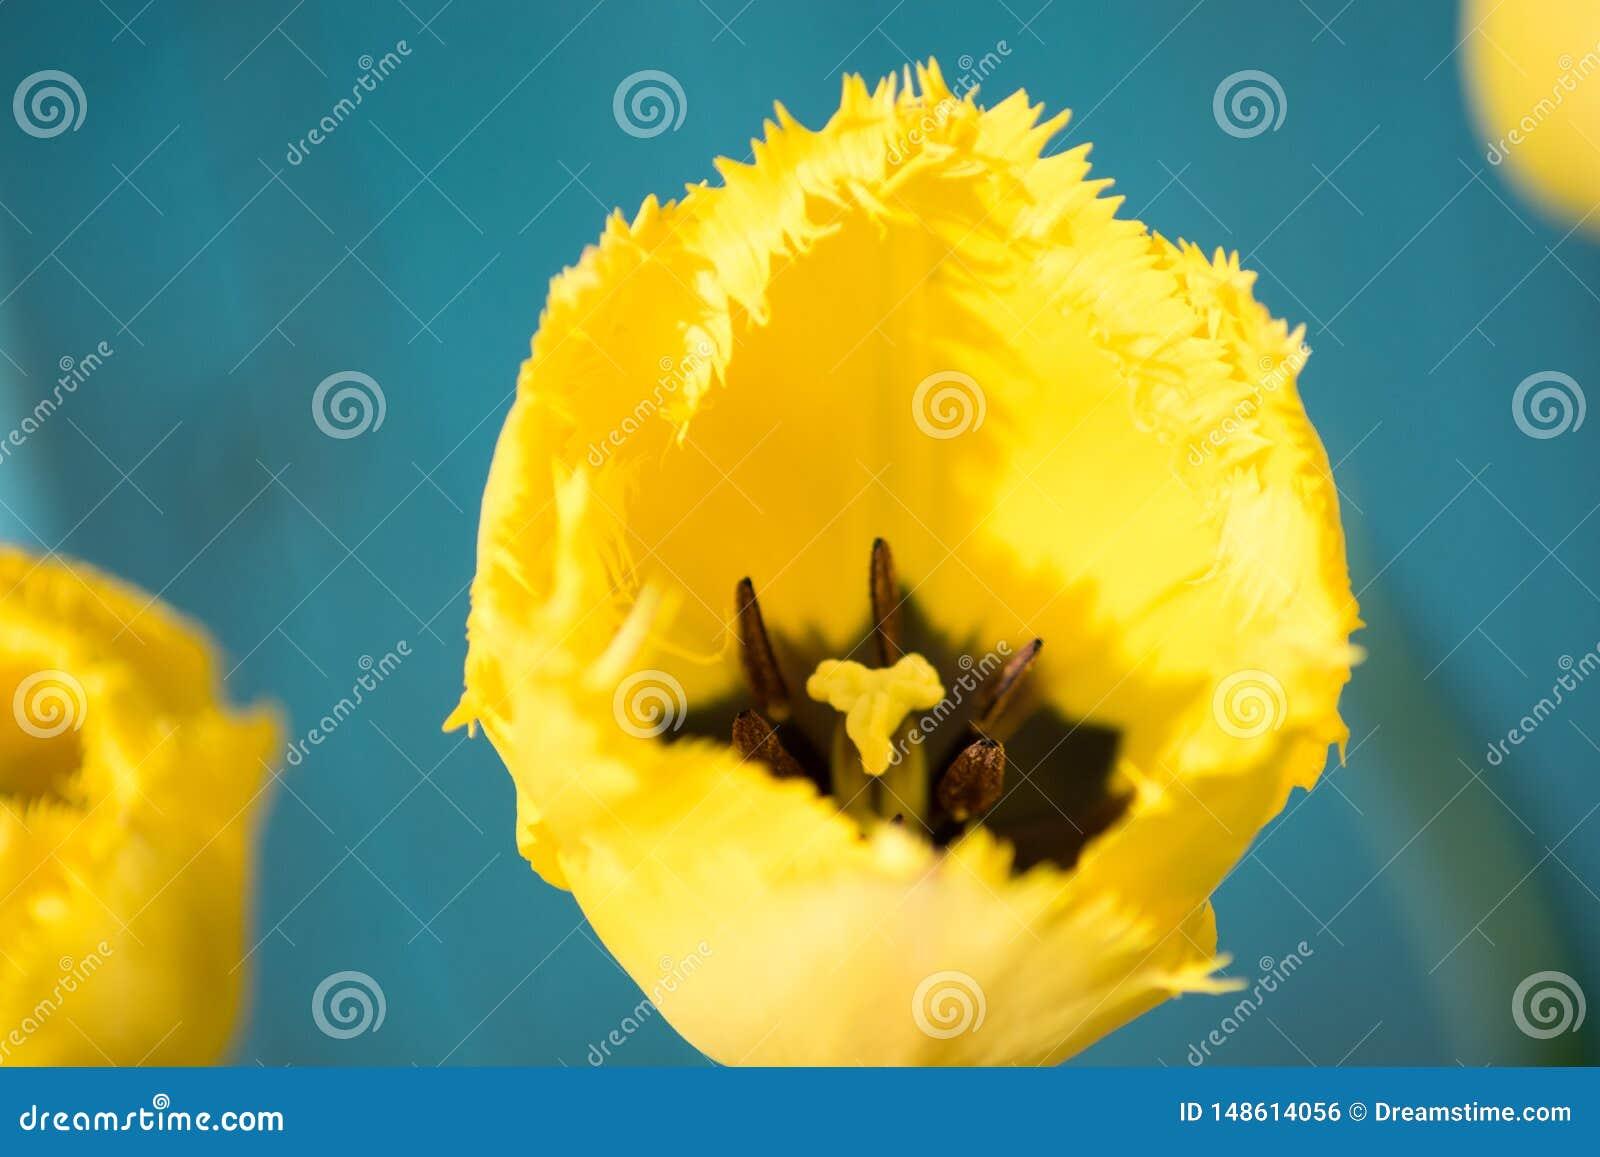 Tulipe jaune rugueuse, le printemps 2019